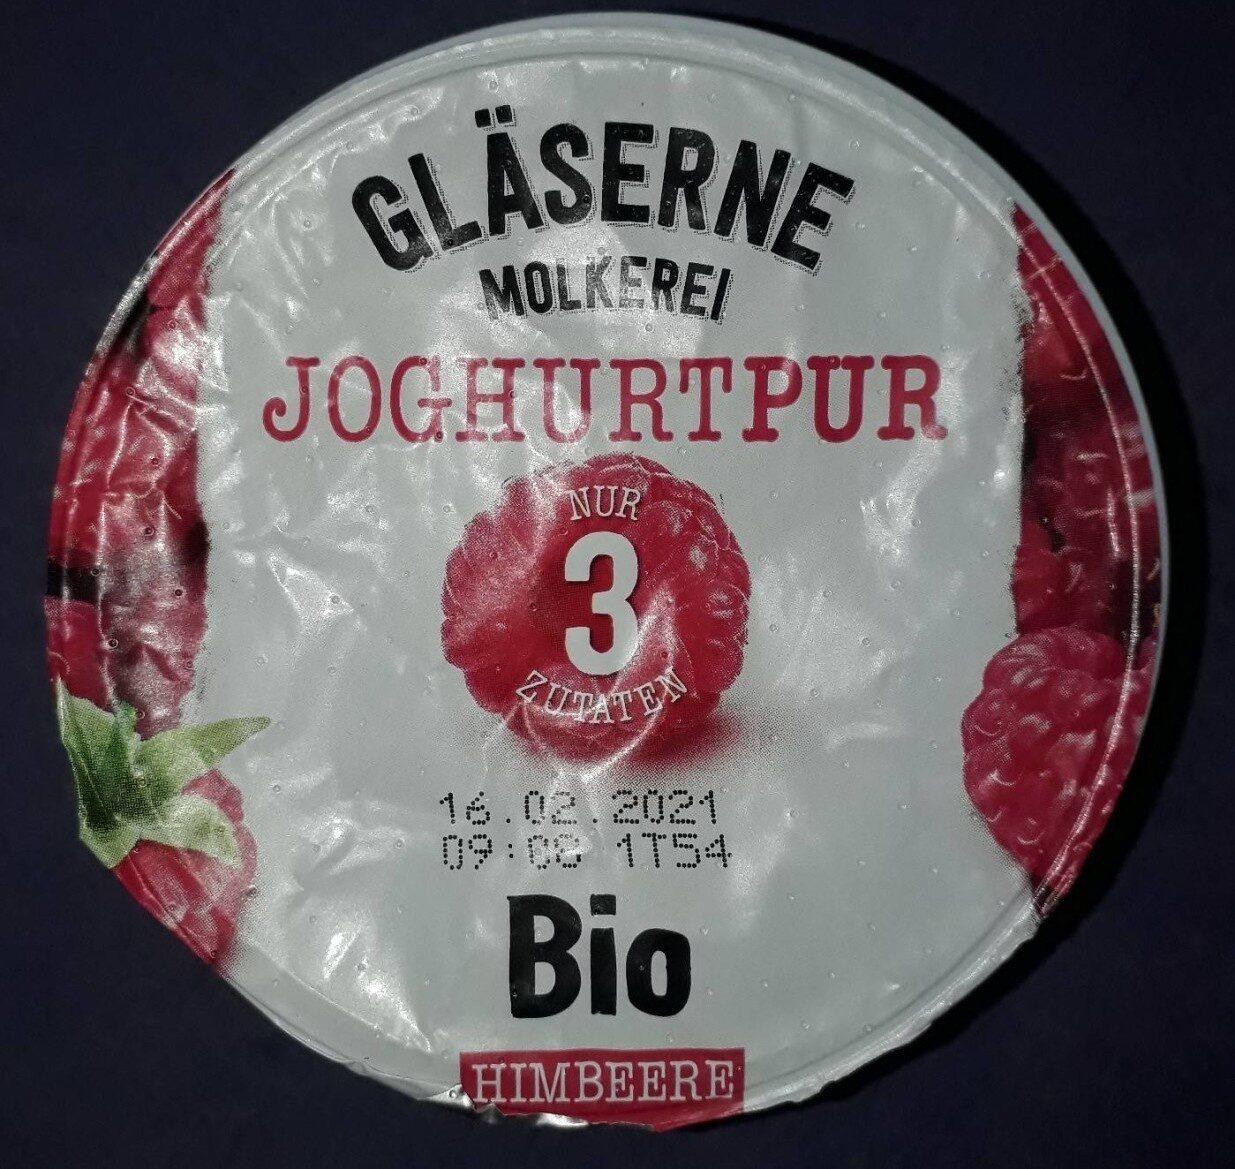 JOGHURTPUR HIMBEERE - Produkt - de